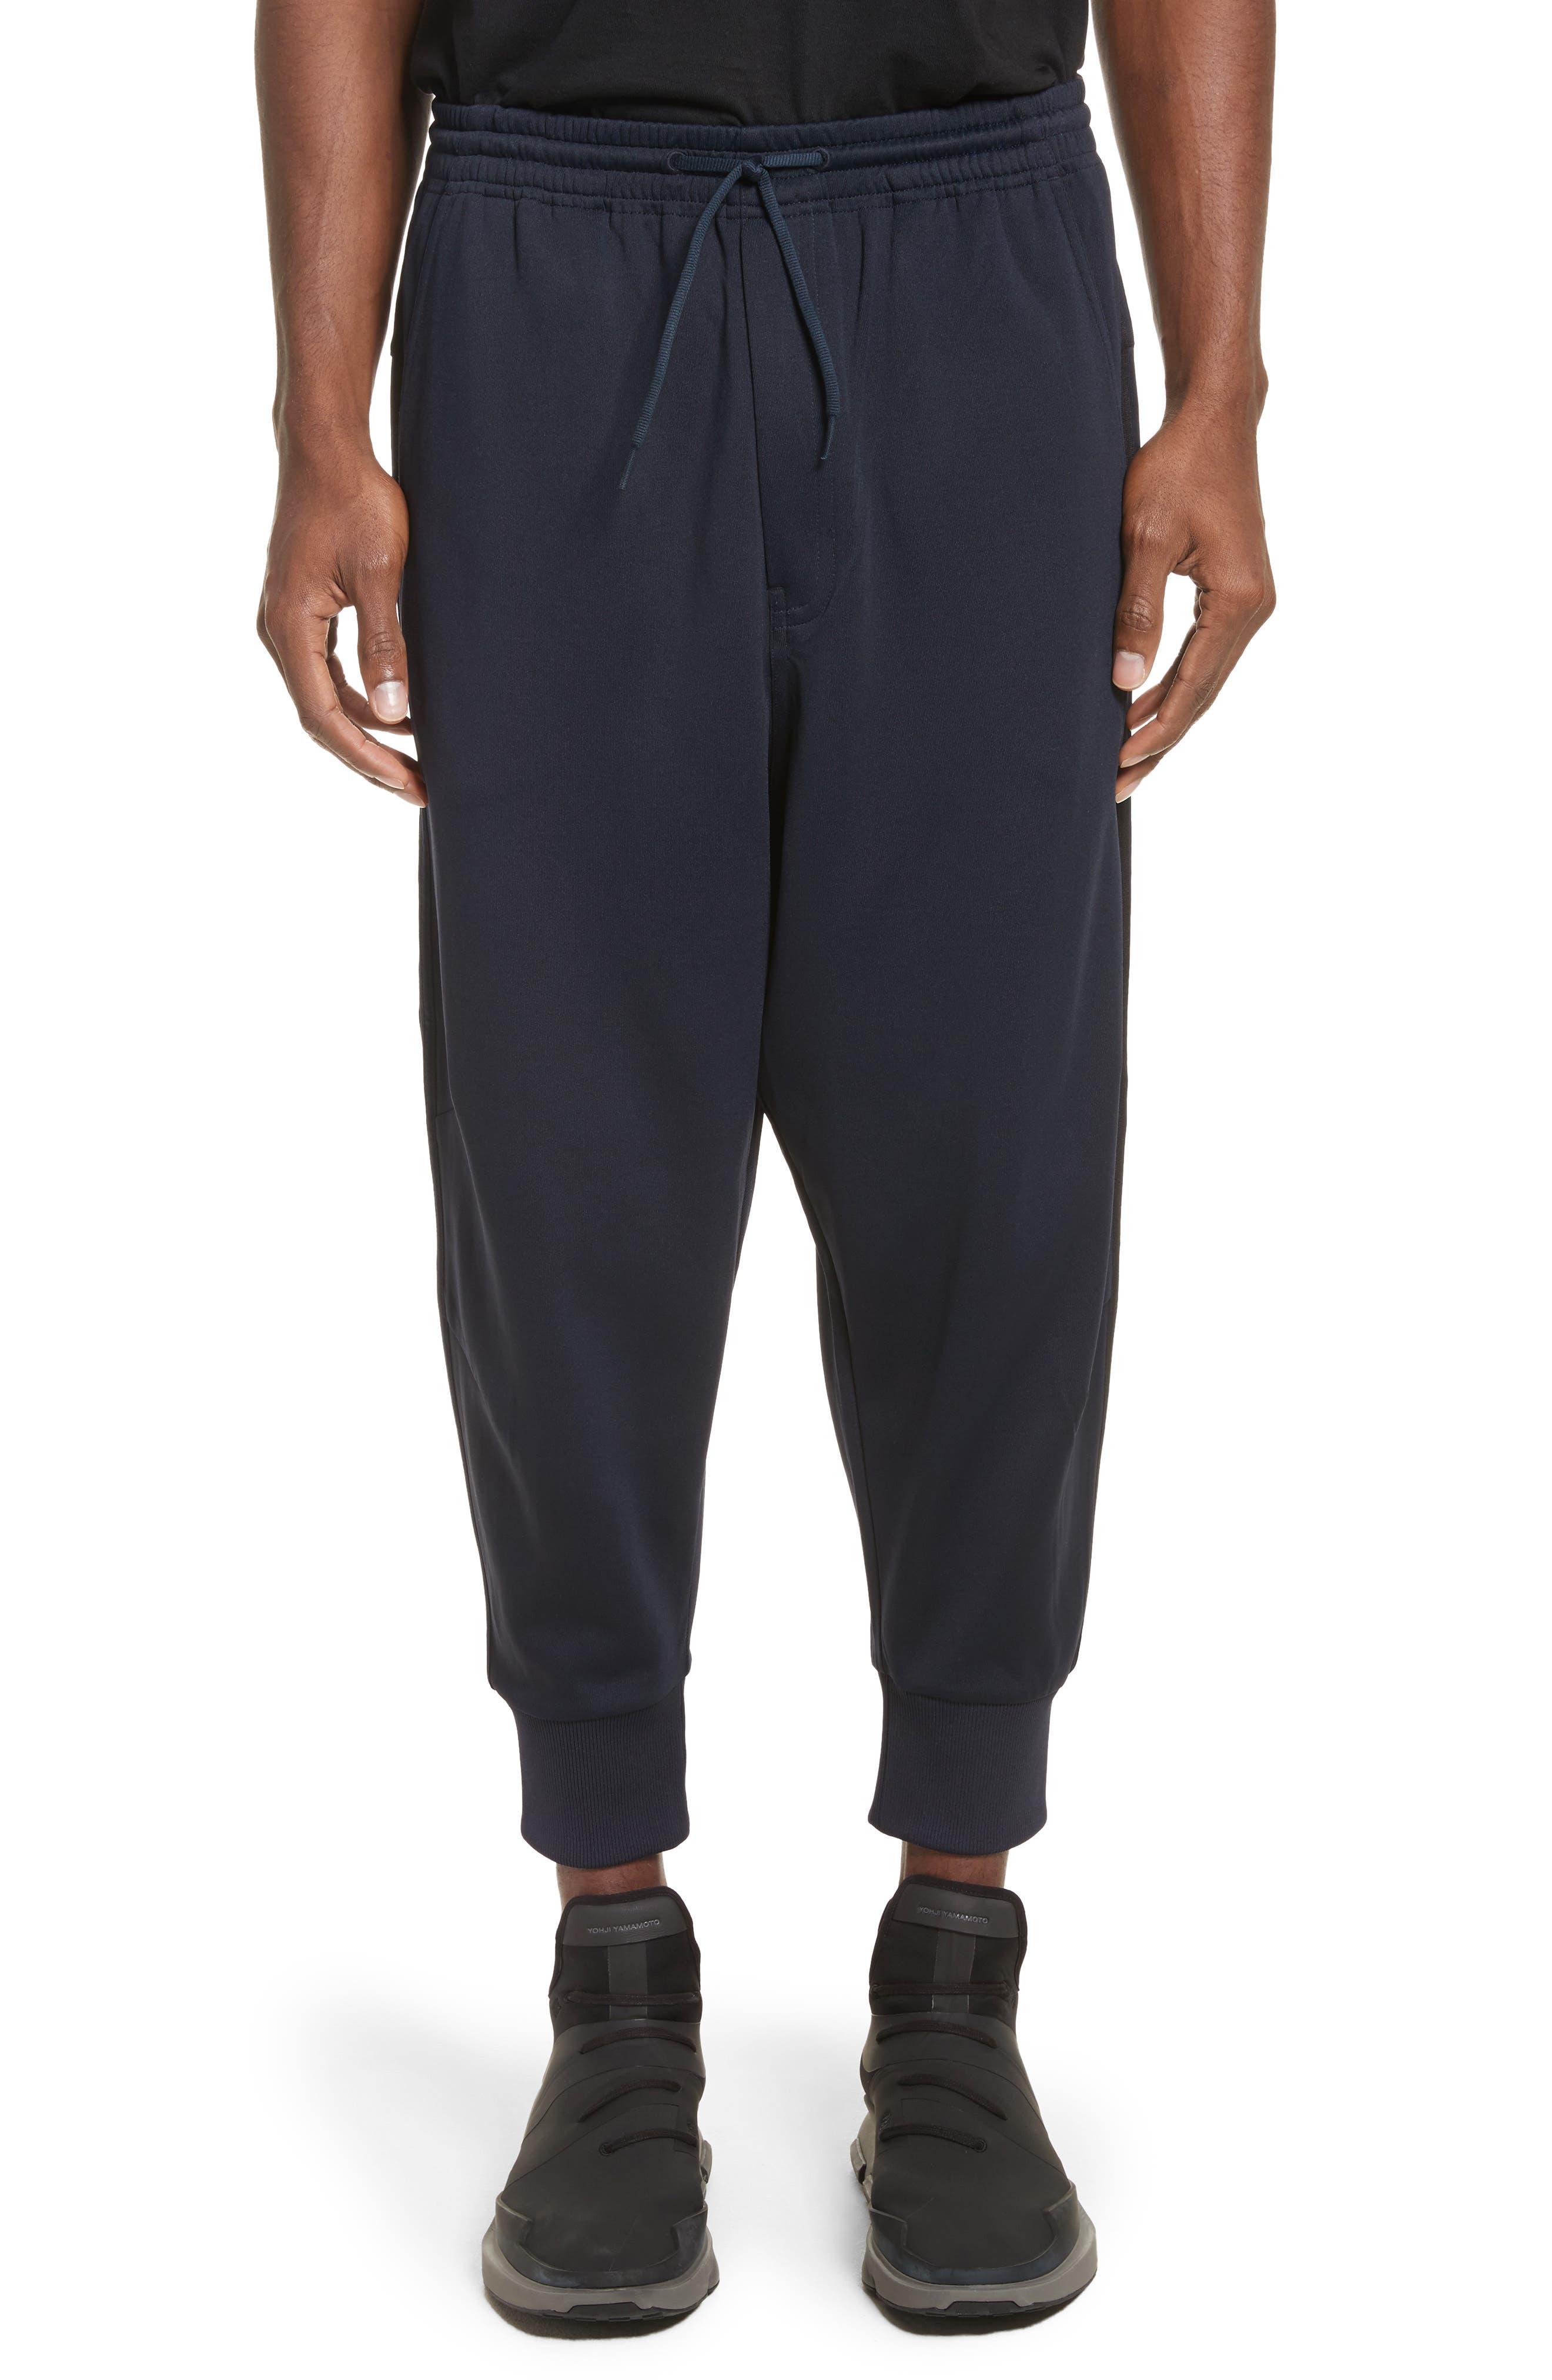 x adidas Cropped Track Pants,                             Main thumbnail 1, color,                             Navy